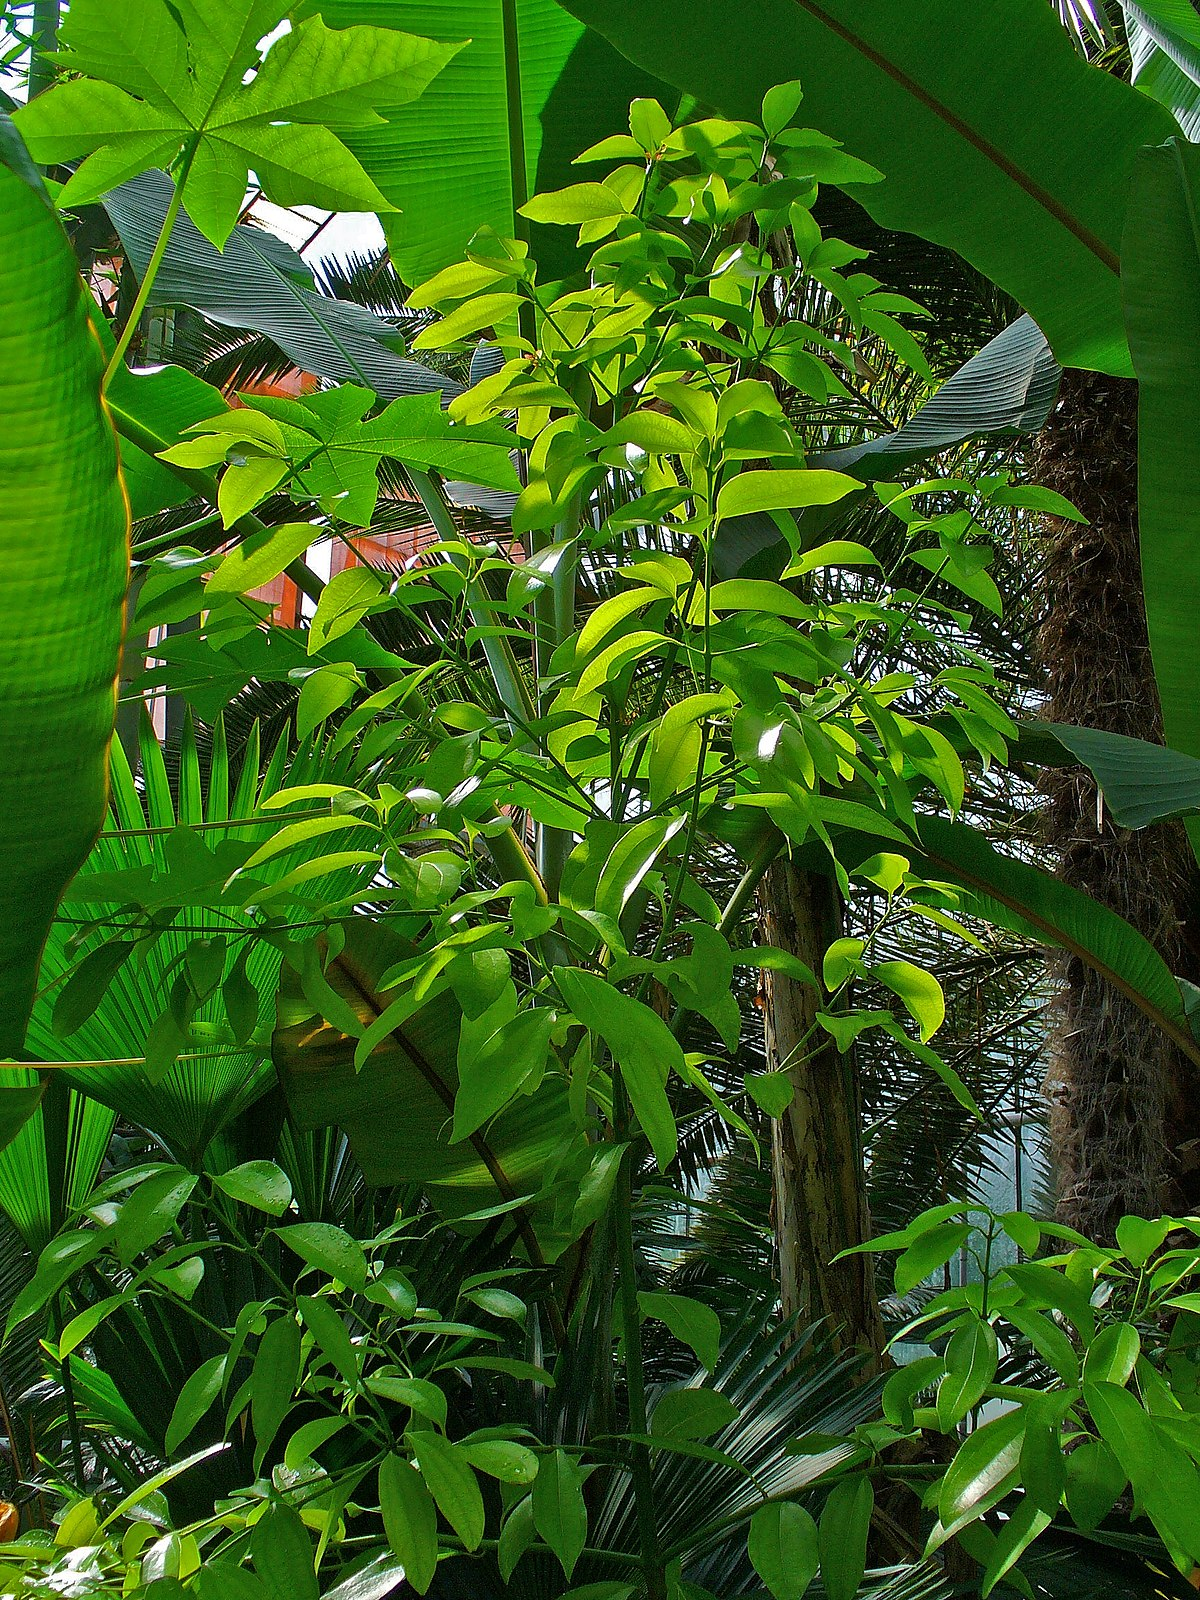 Cinnamomum verum - Wikimedia Commons